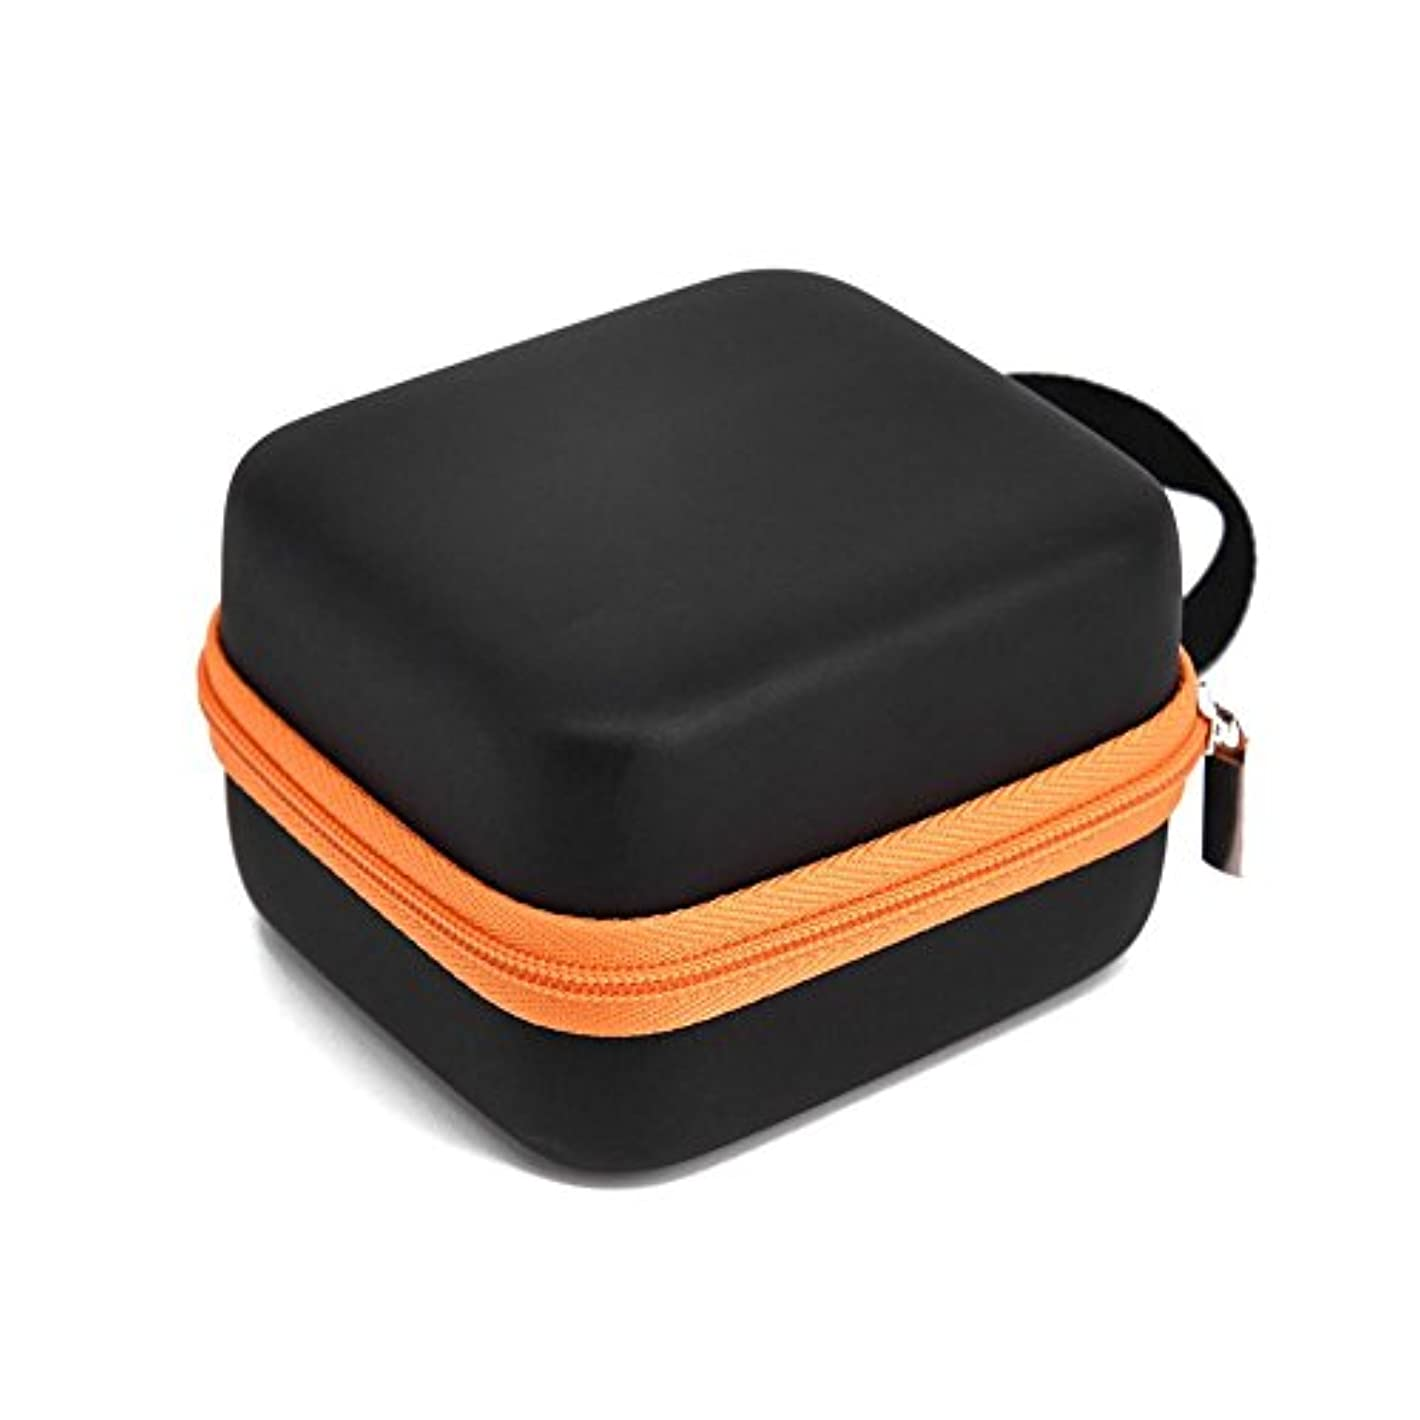 脱獄笑いカルシウムFarlong 7グリッド 5ML 精油貯蔵袋 エスニックスタイル オイル収納ボックス 人気の 精油 ケース 5色